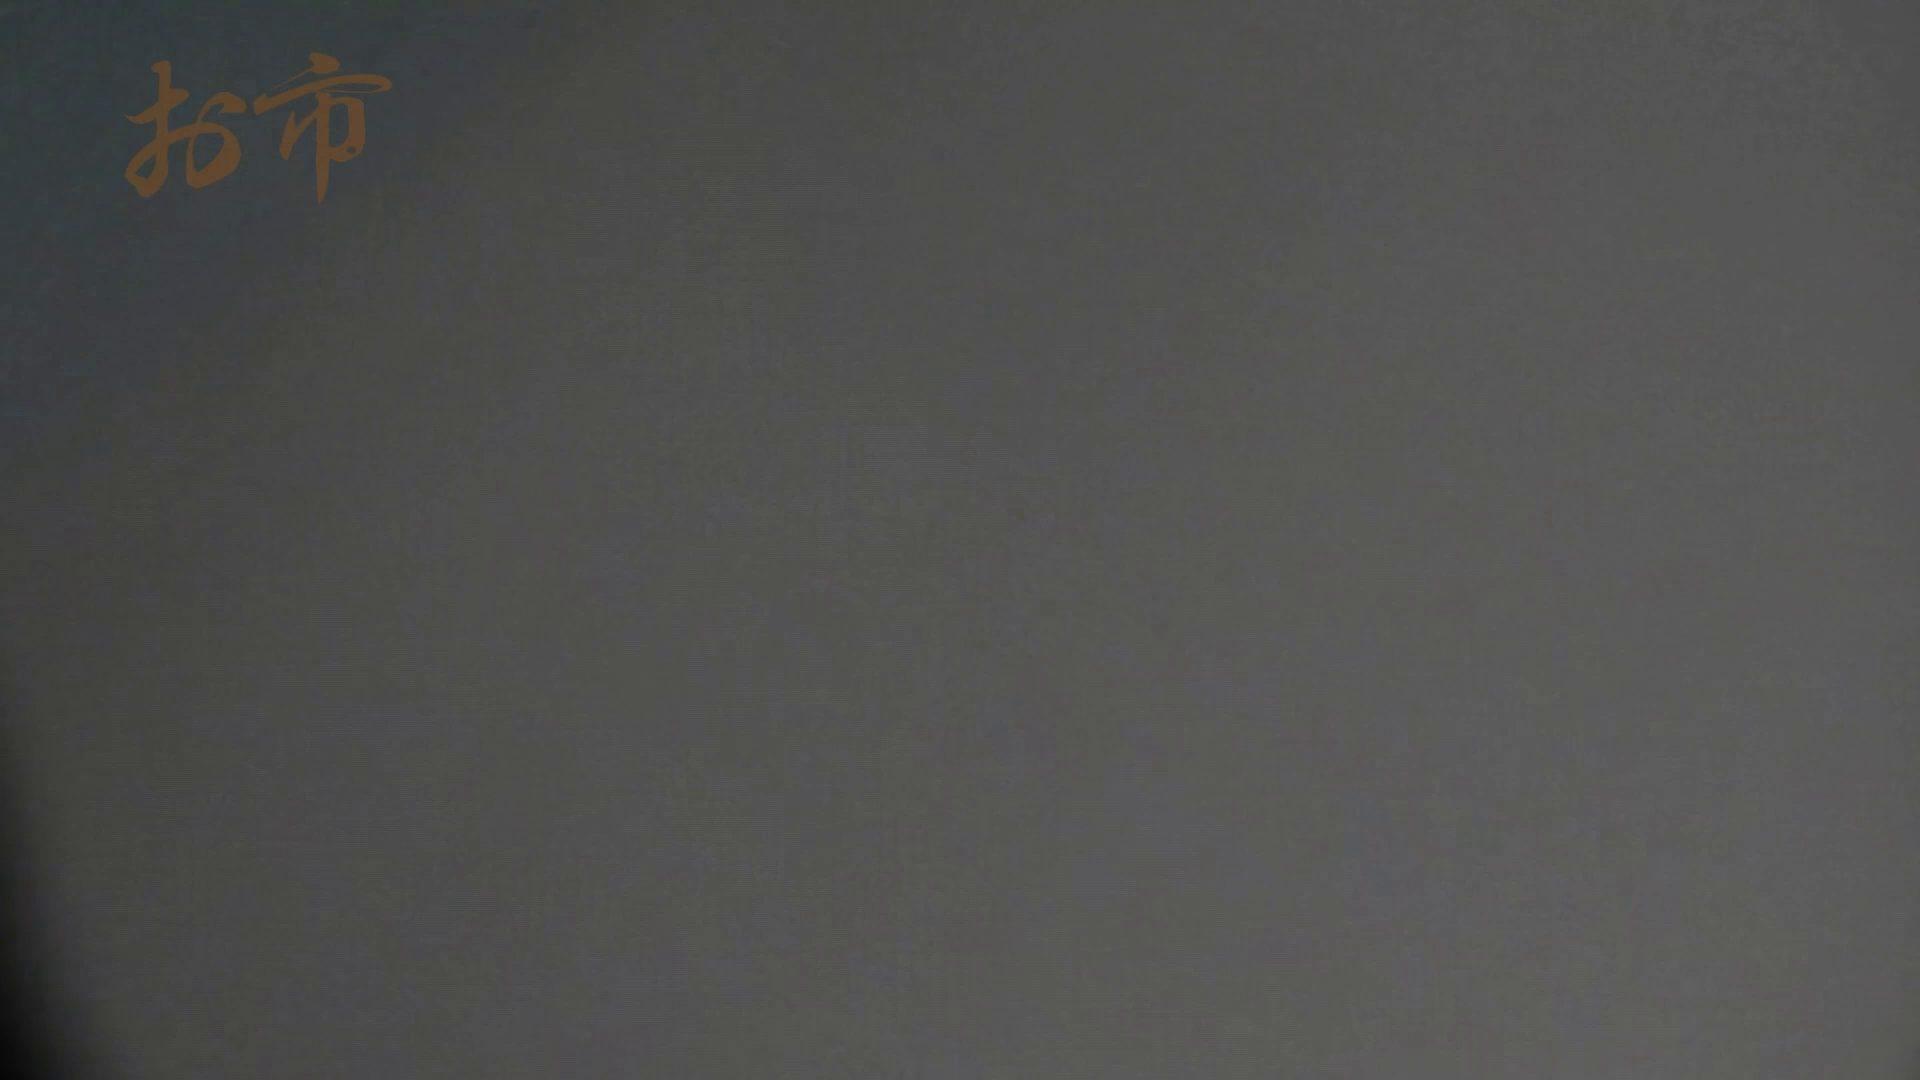 潜入!!台湾名門女学院 Vol.12 長身モデル驚き見たことないシチュエーション 丸見え エロ画像 80枚 74